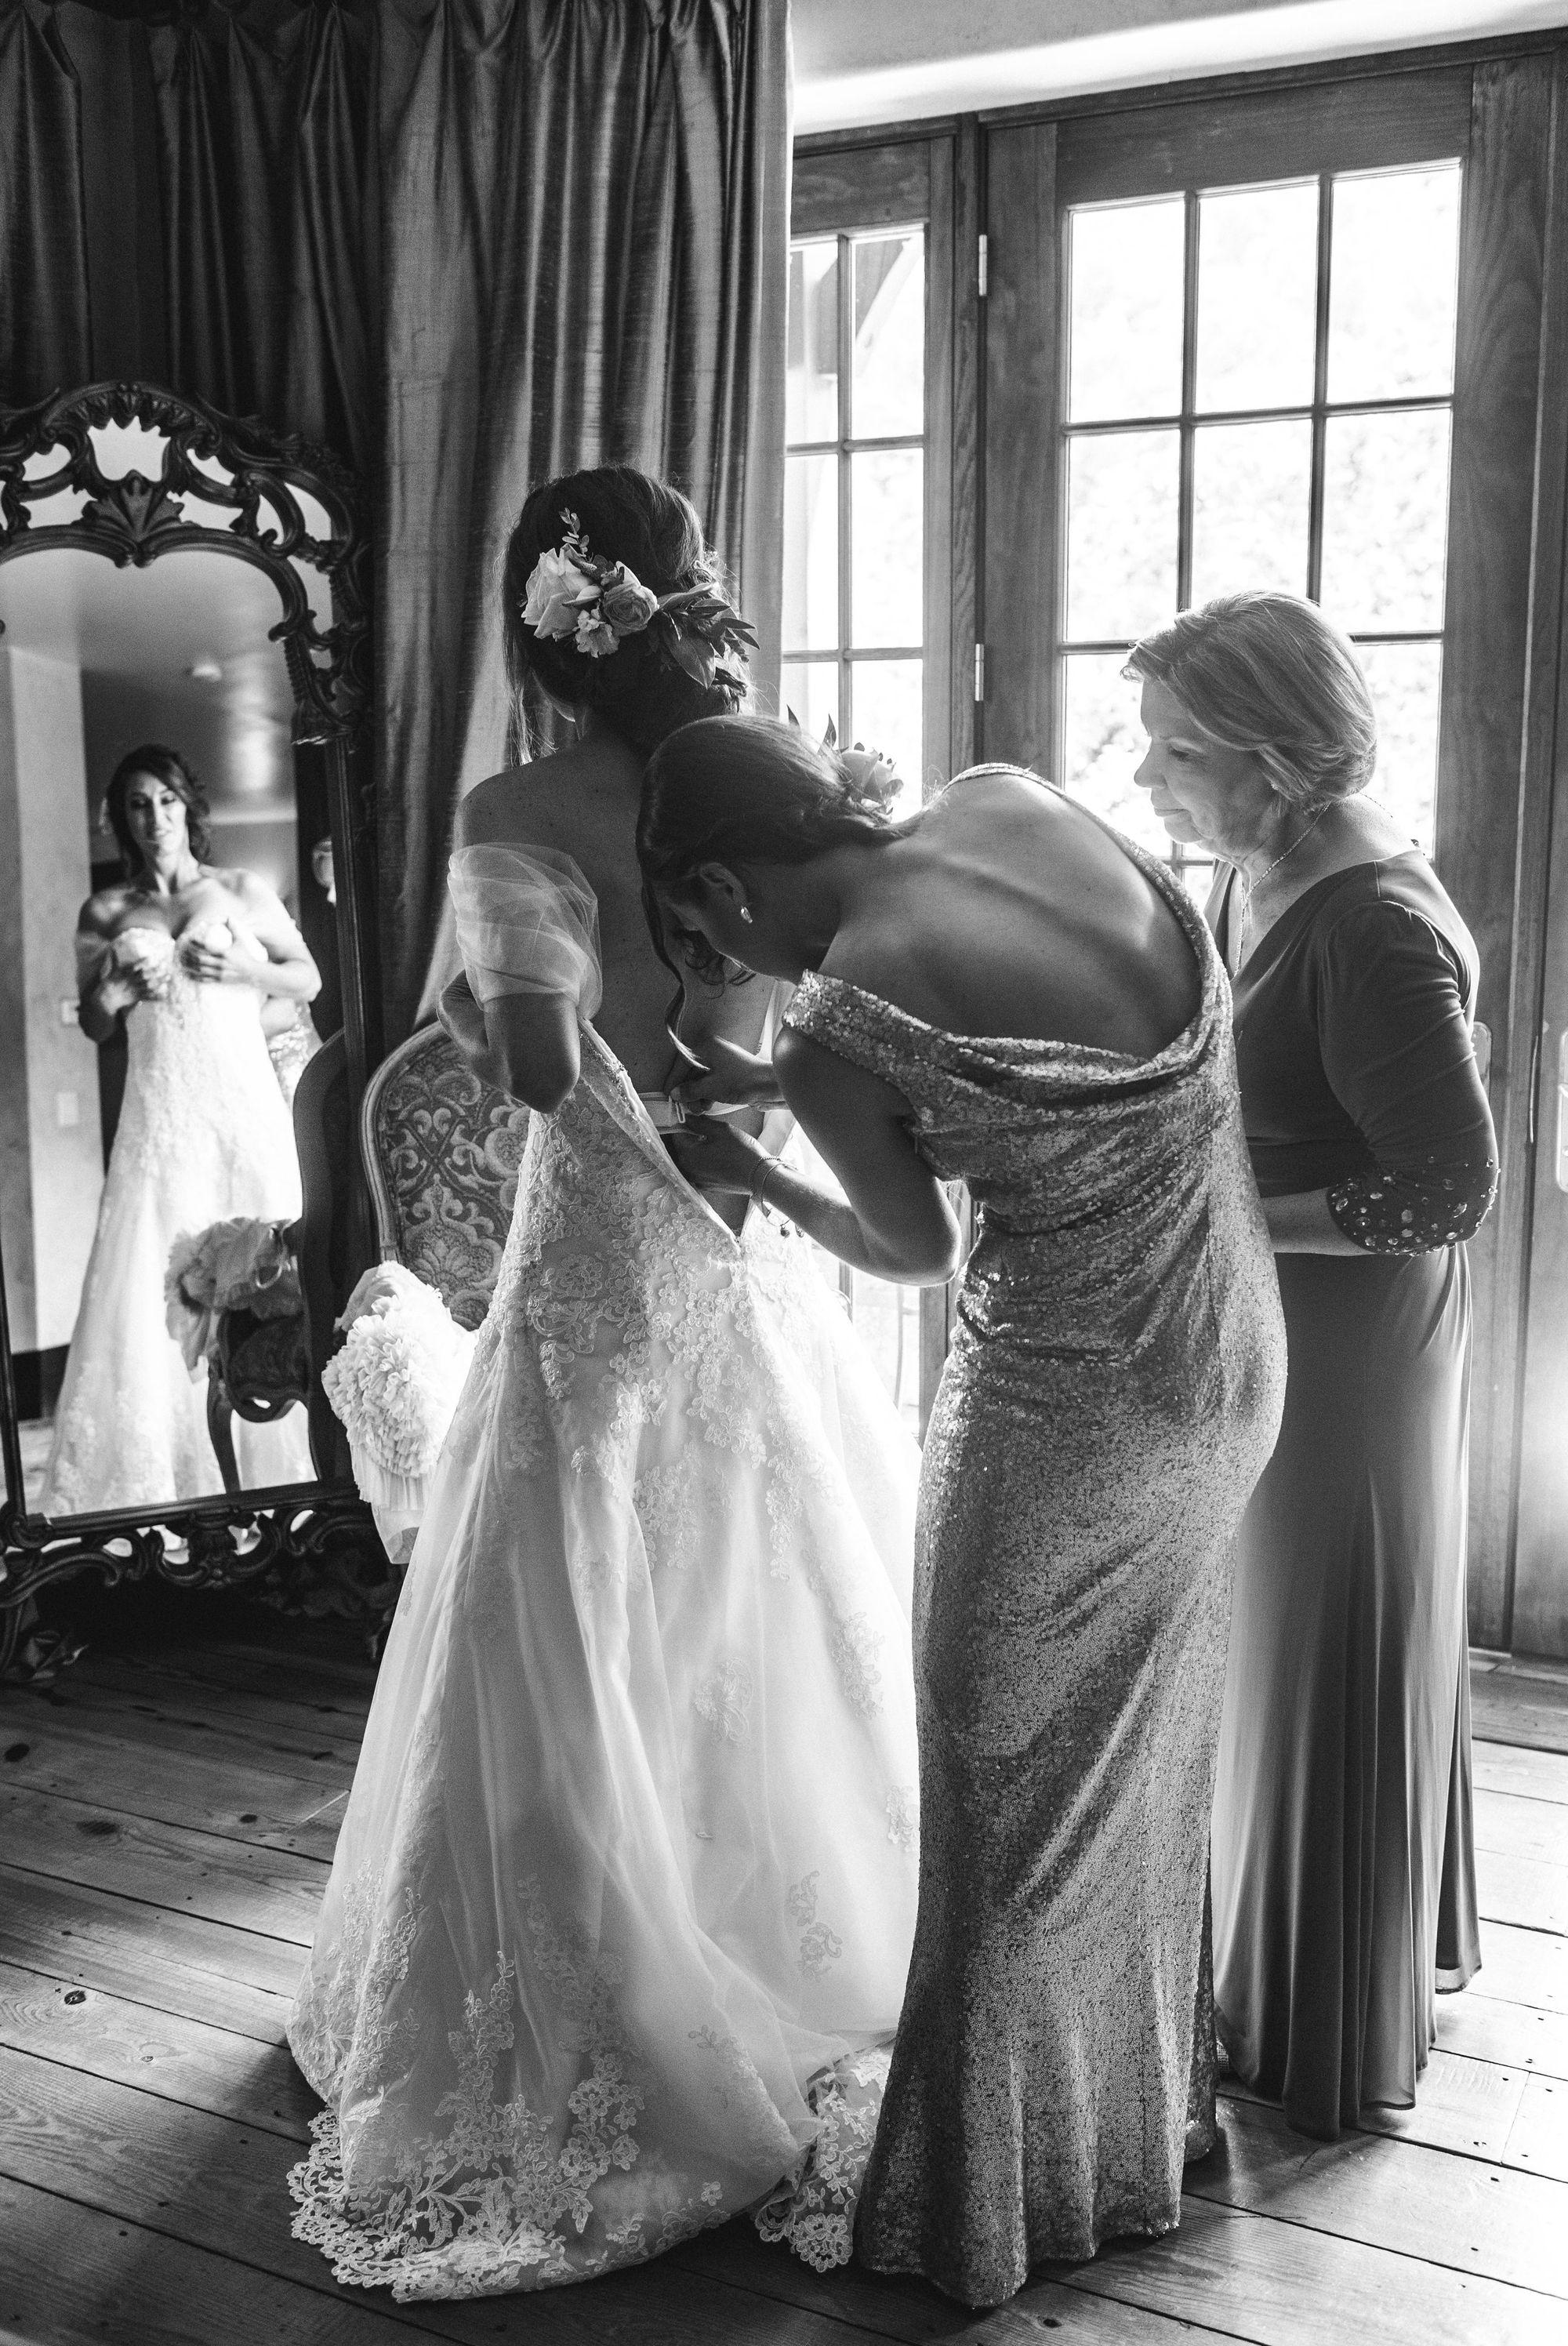 castle-ladyhawke-destination-wedding 21